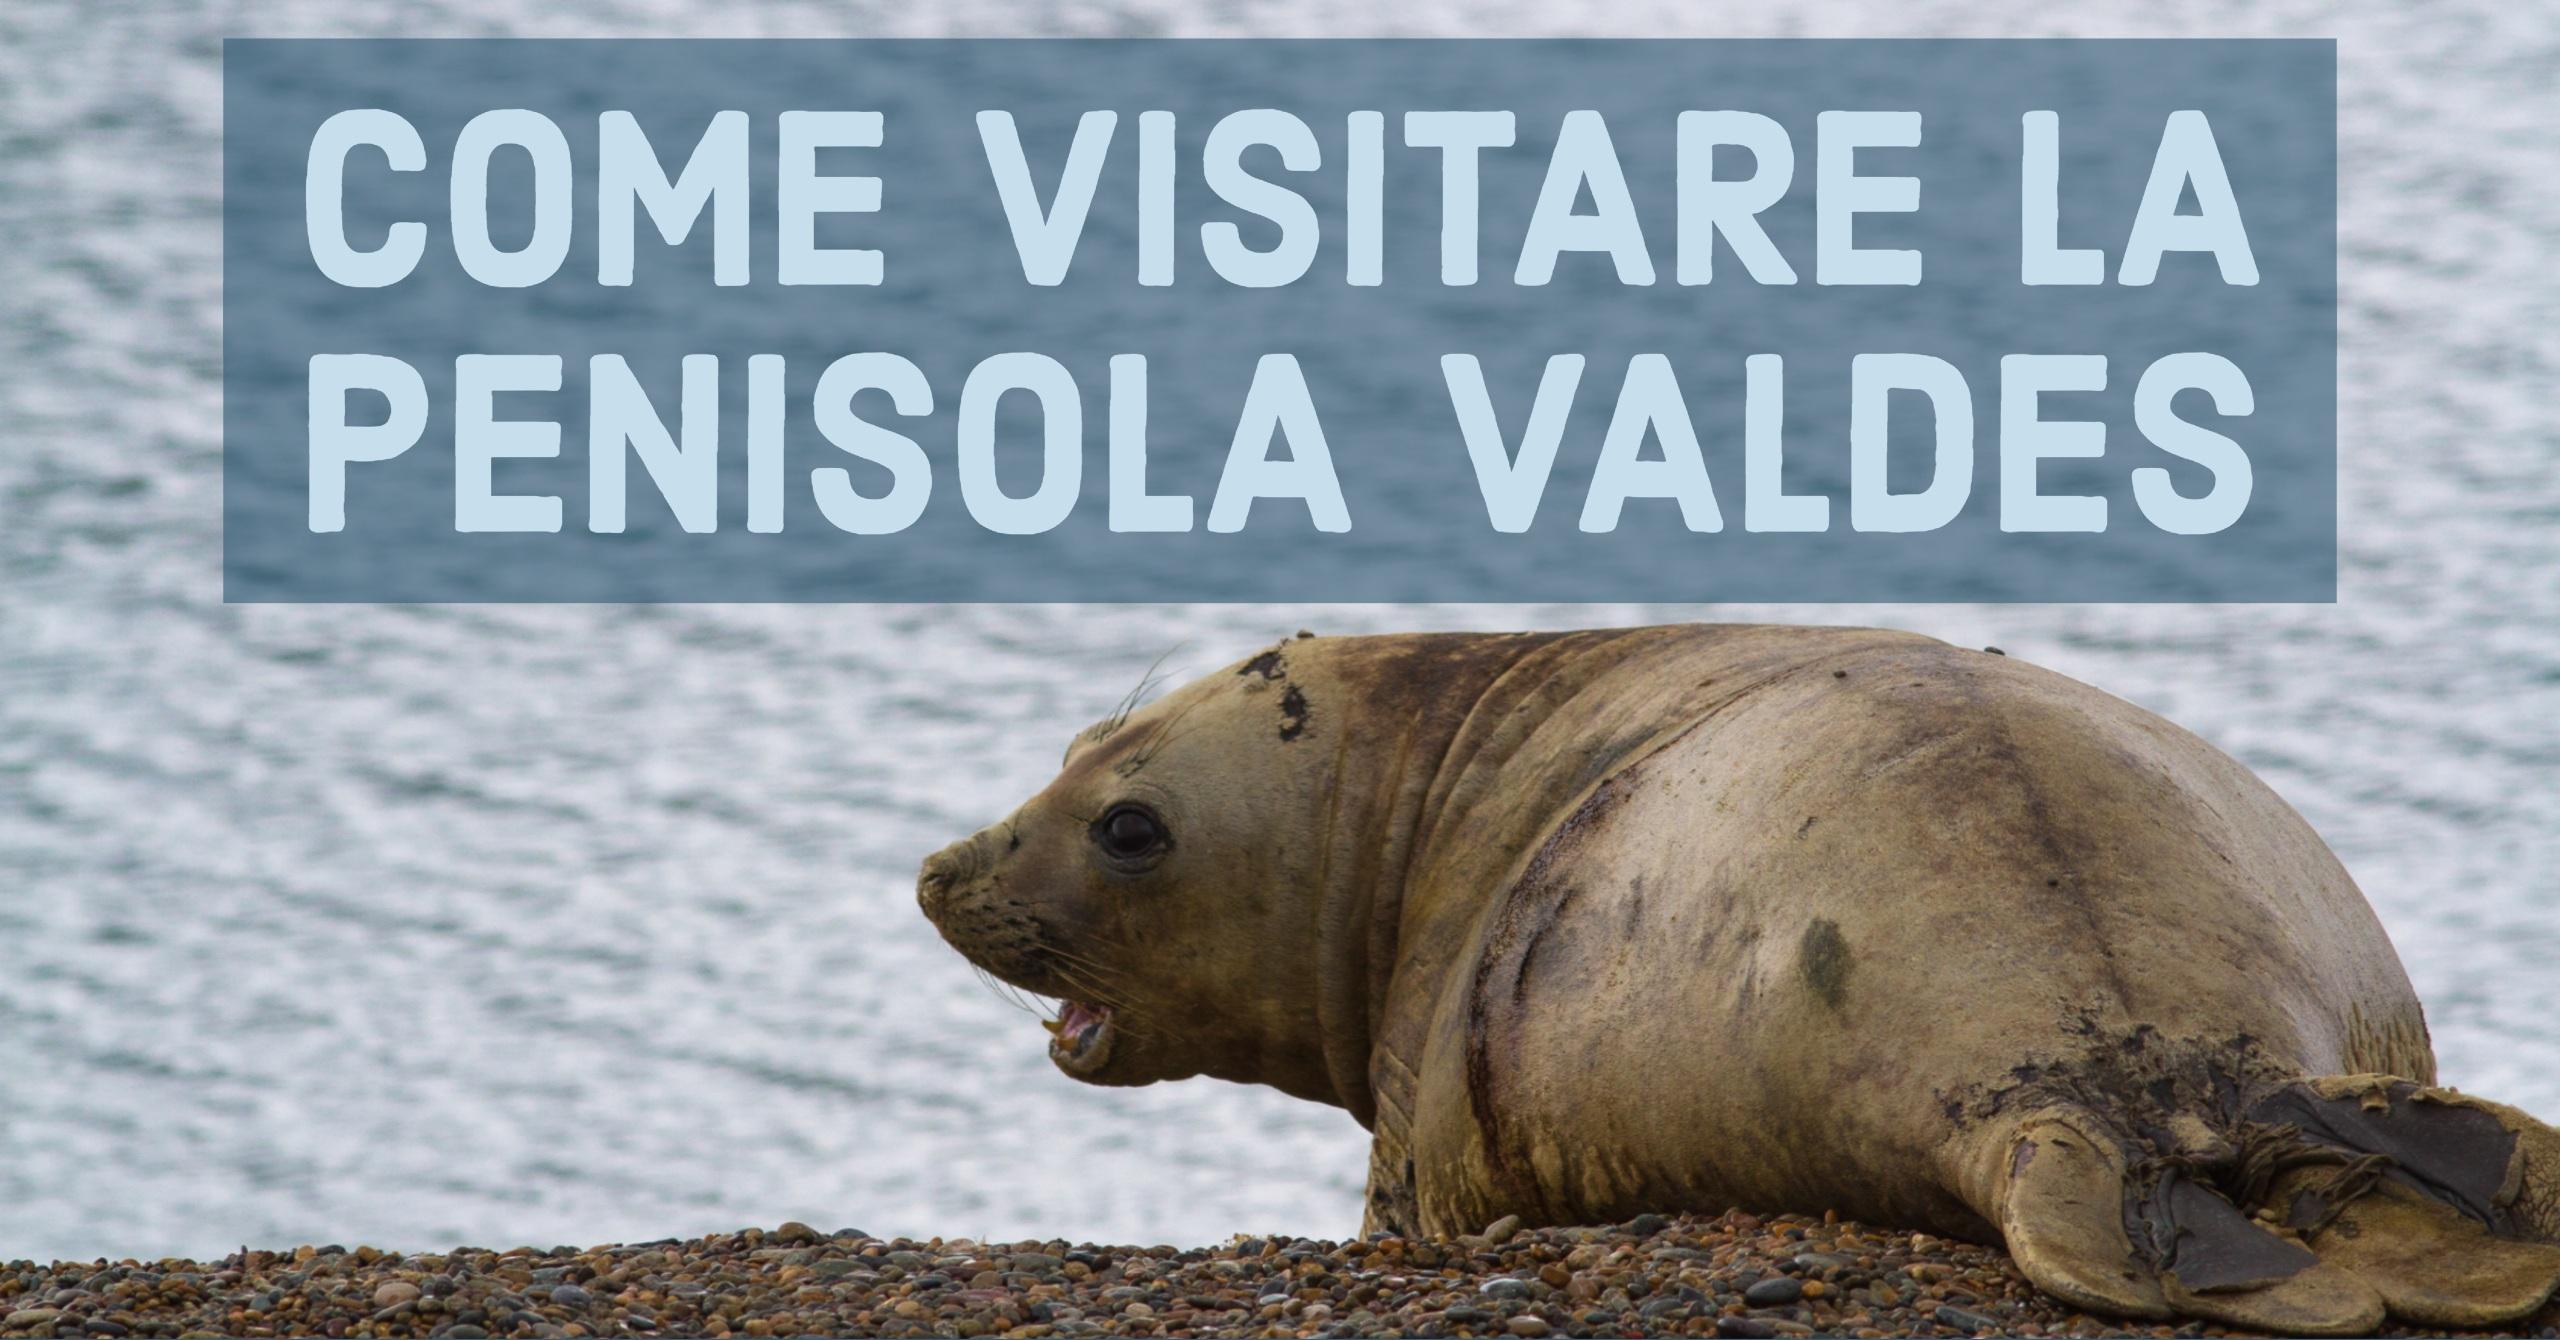 Come visitare la Penisola di Valdes, Patagonia